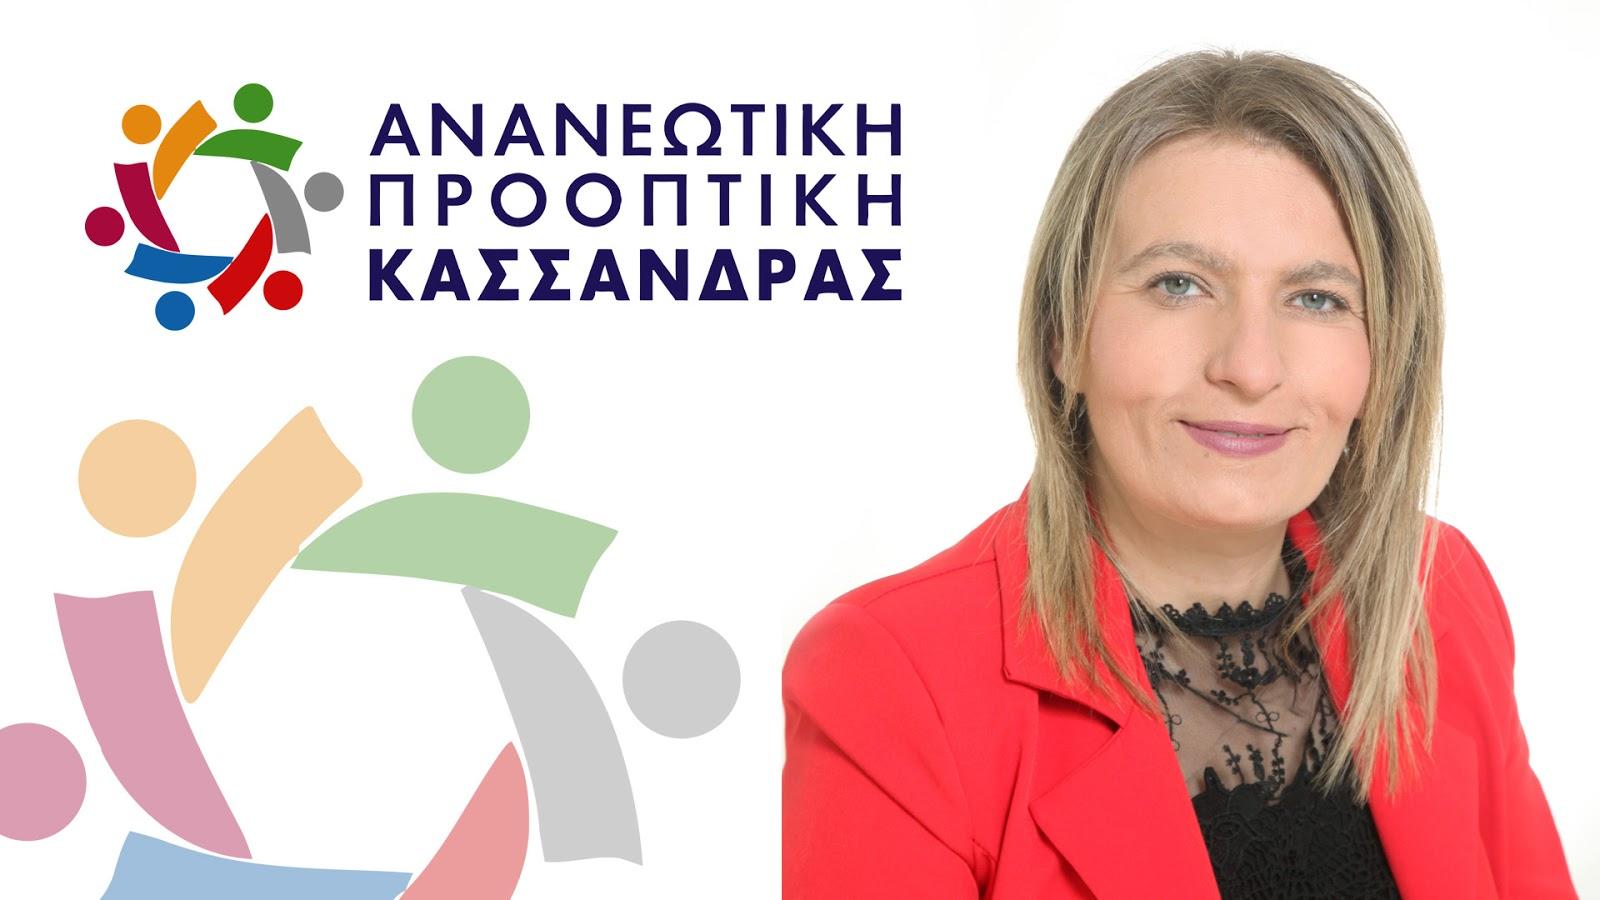 Κατάθεση υποψηφιότητας για τον Δήμο Κασσάνδρας